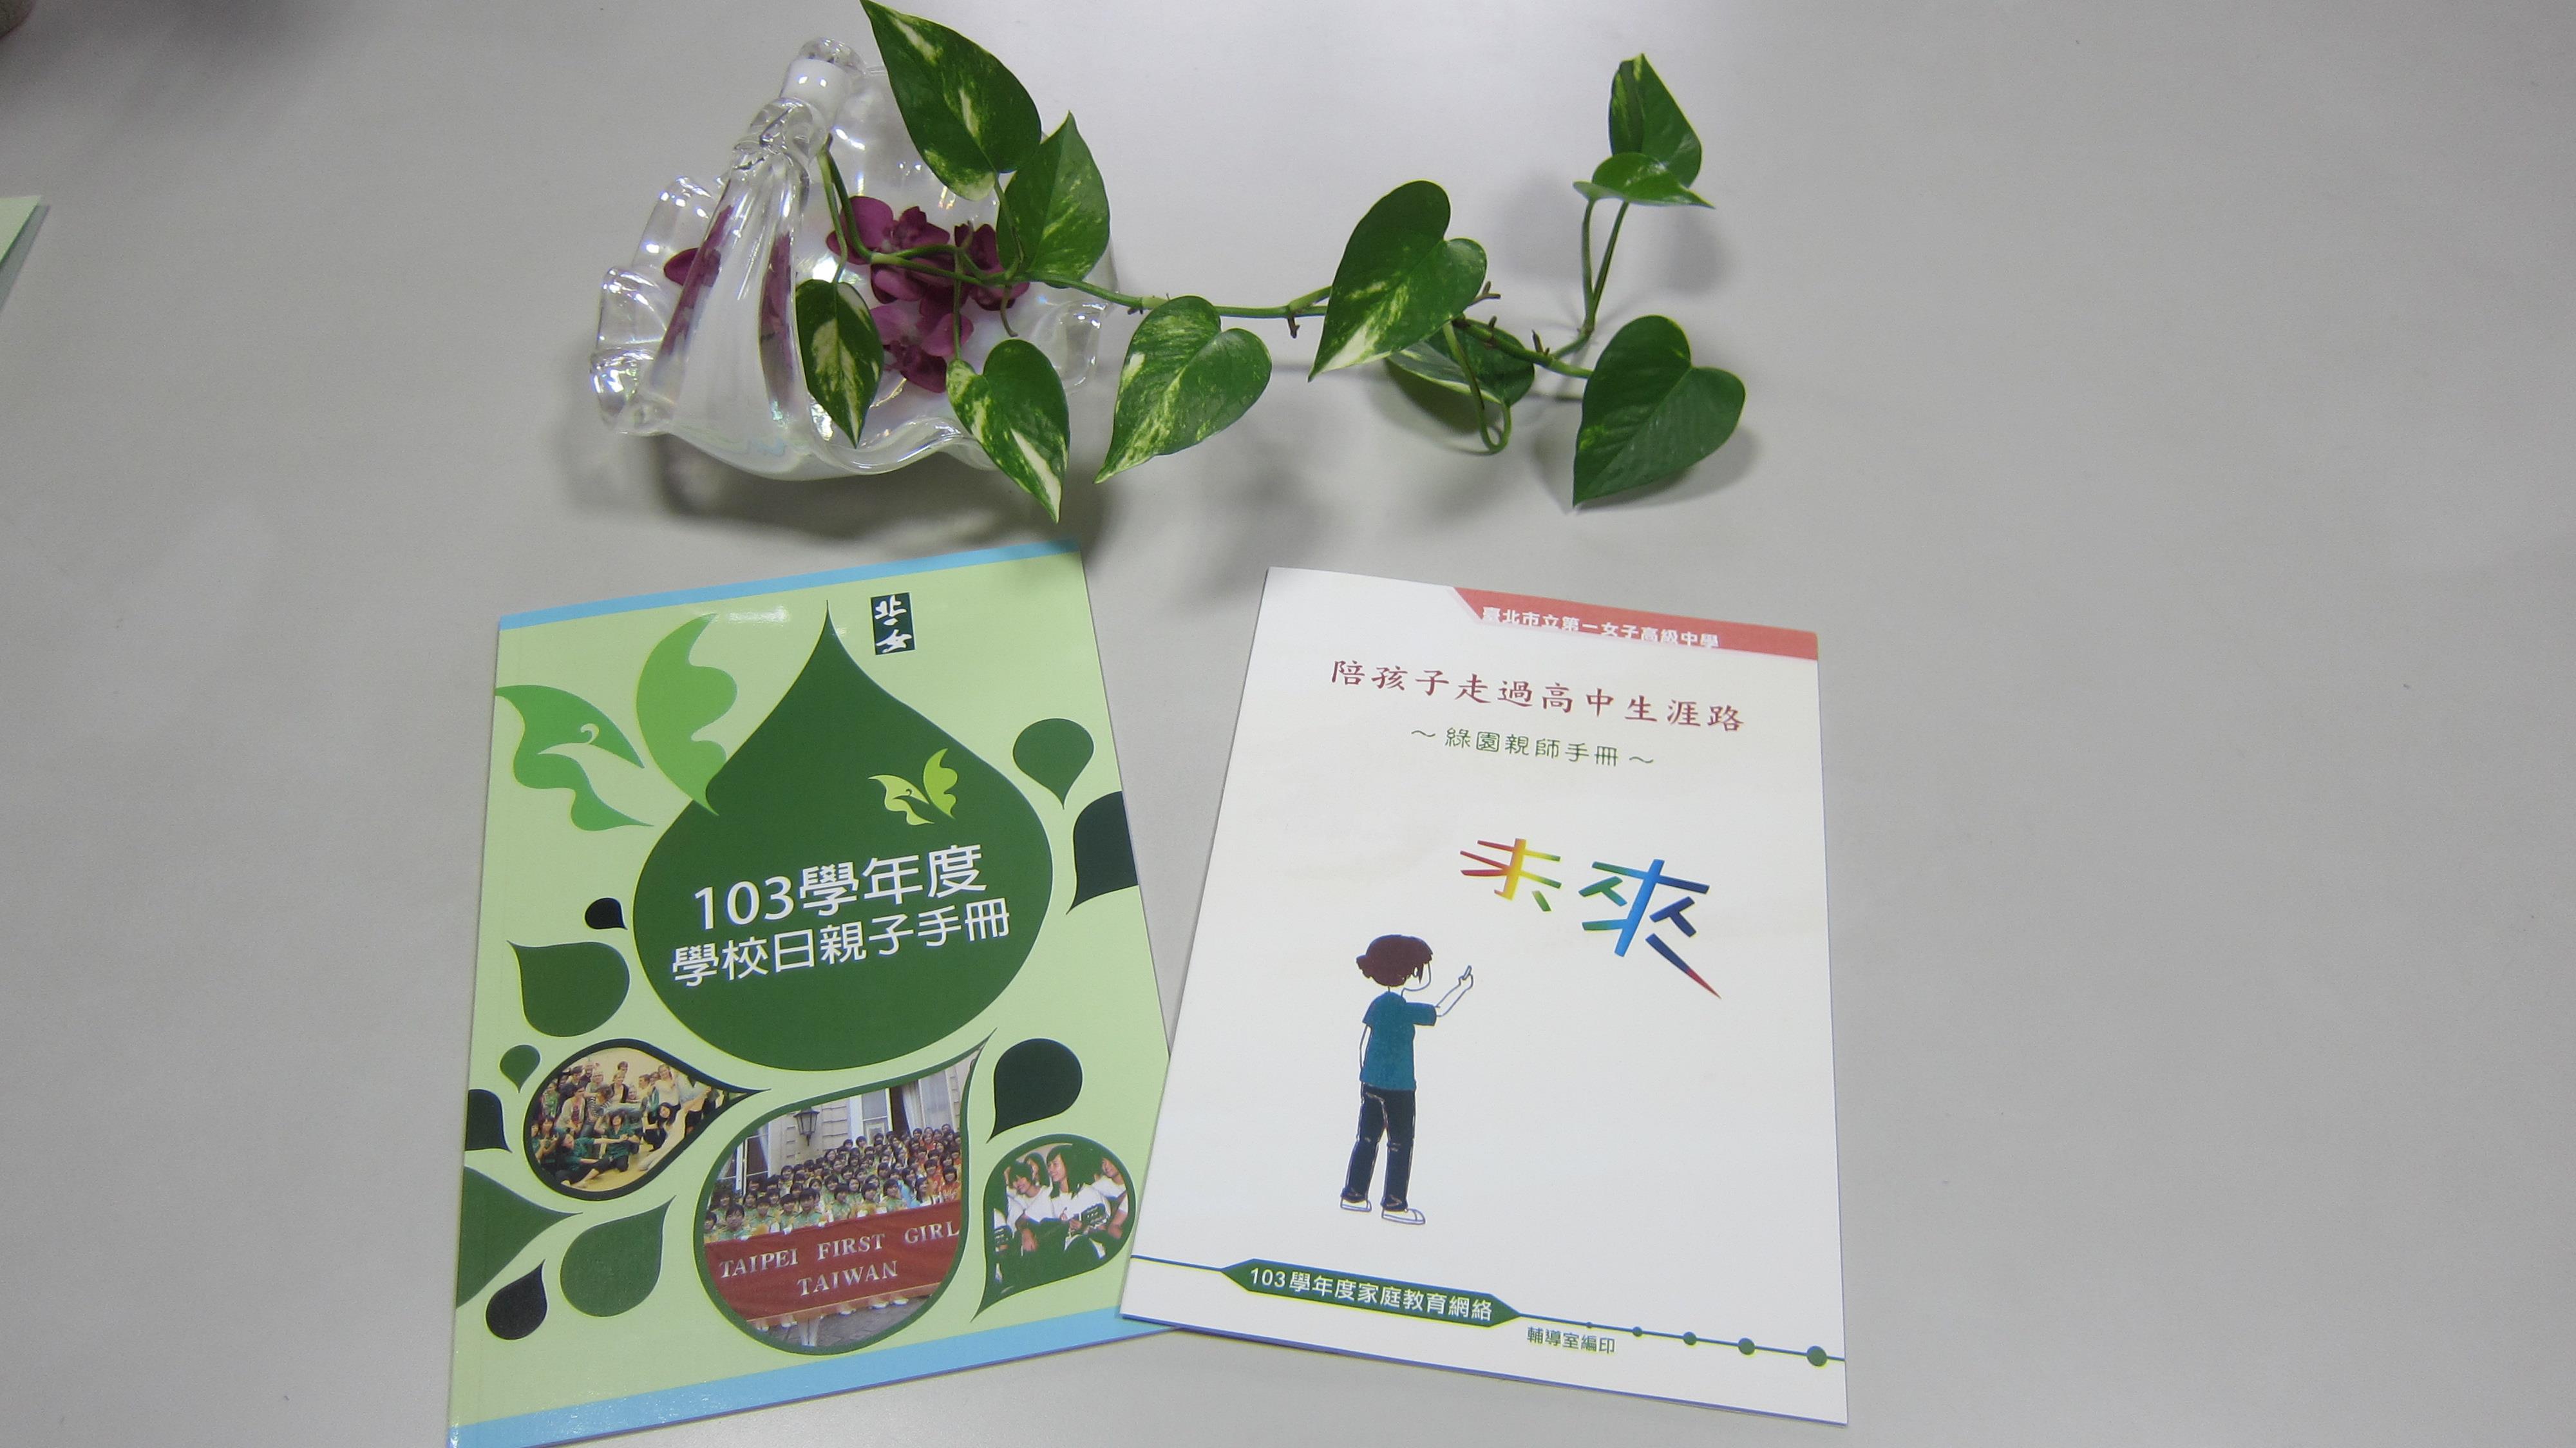 16-編印學校日家長手冊促進親師合作